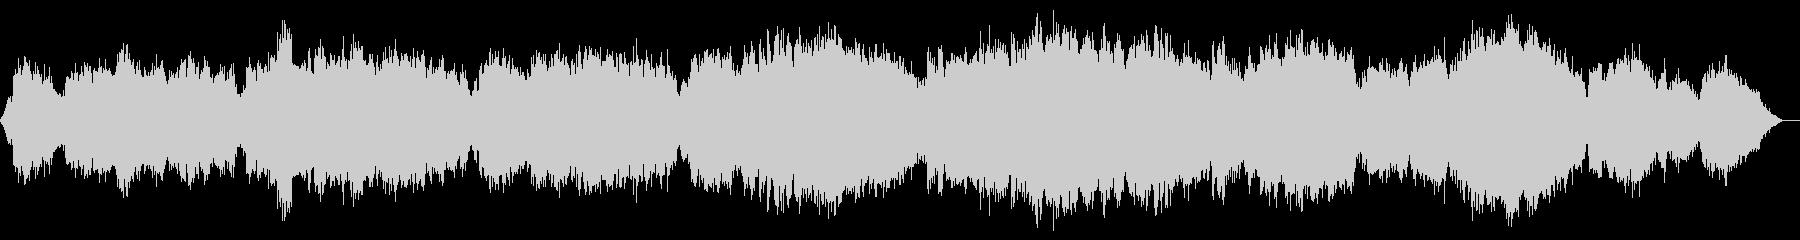 サックスとストリングスのバラードの未再生の波形